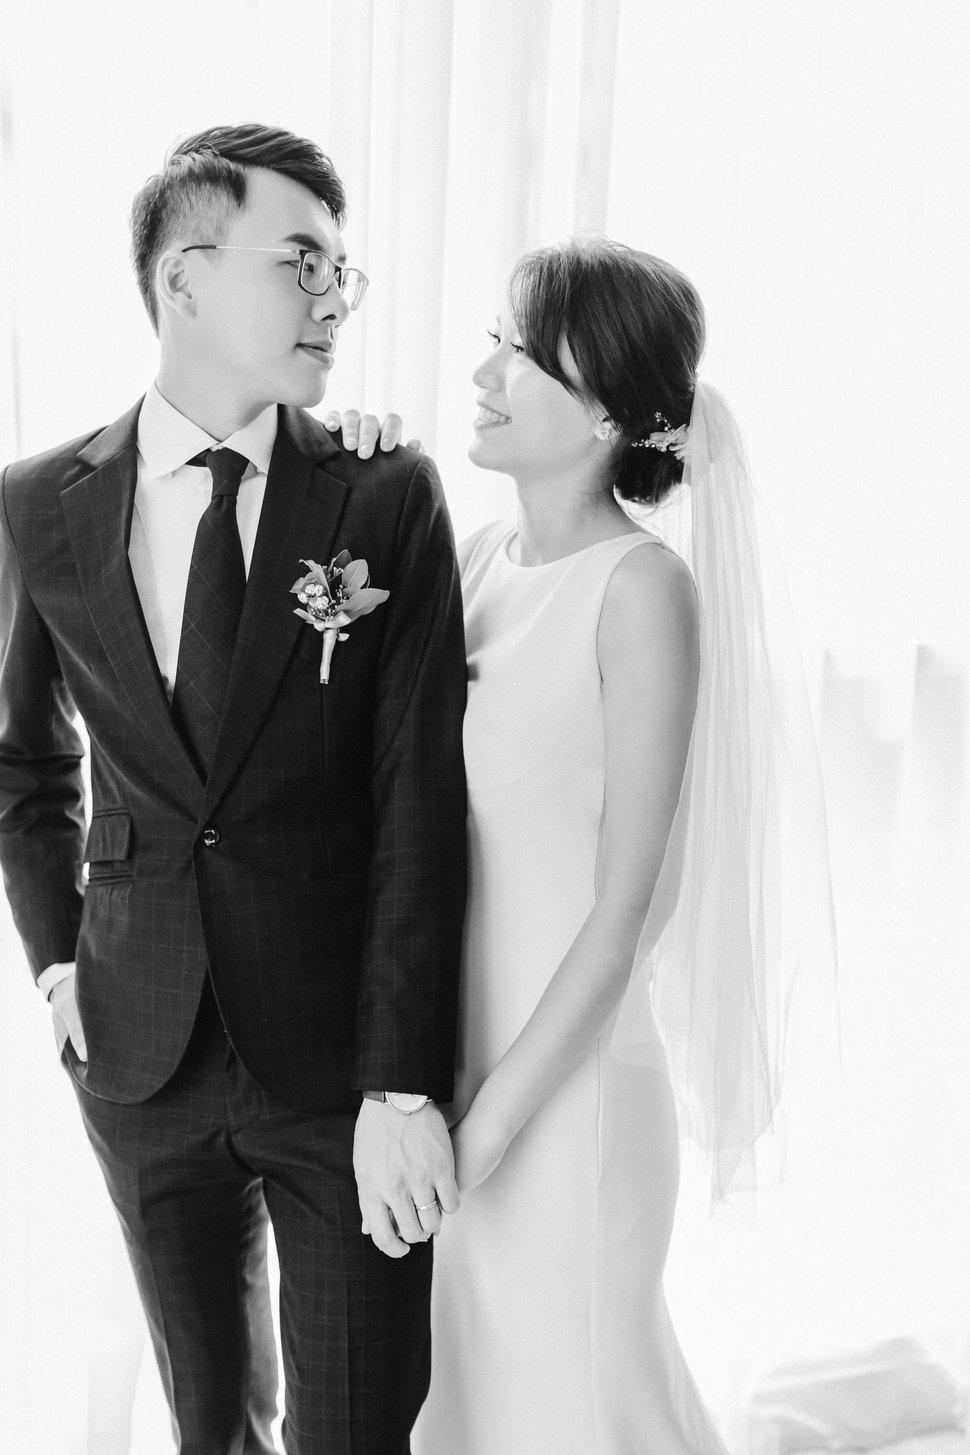 美式婚紗-自助婚紗-戶外婚紗-Amazing Grace攝影- Amazing Grace Studio-台北婚紗-台中婚紗-美式婚攝44 - Amazing Grace Studio《結婚吧》